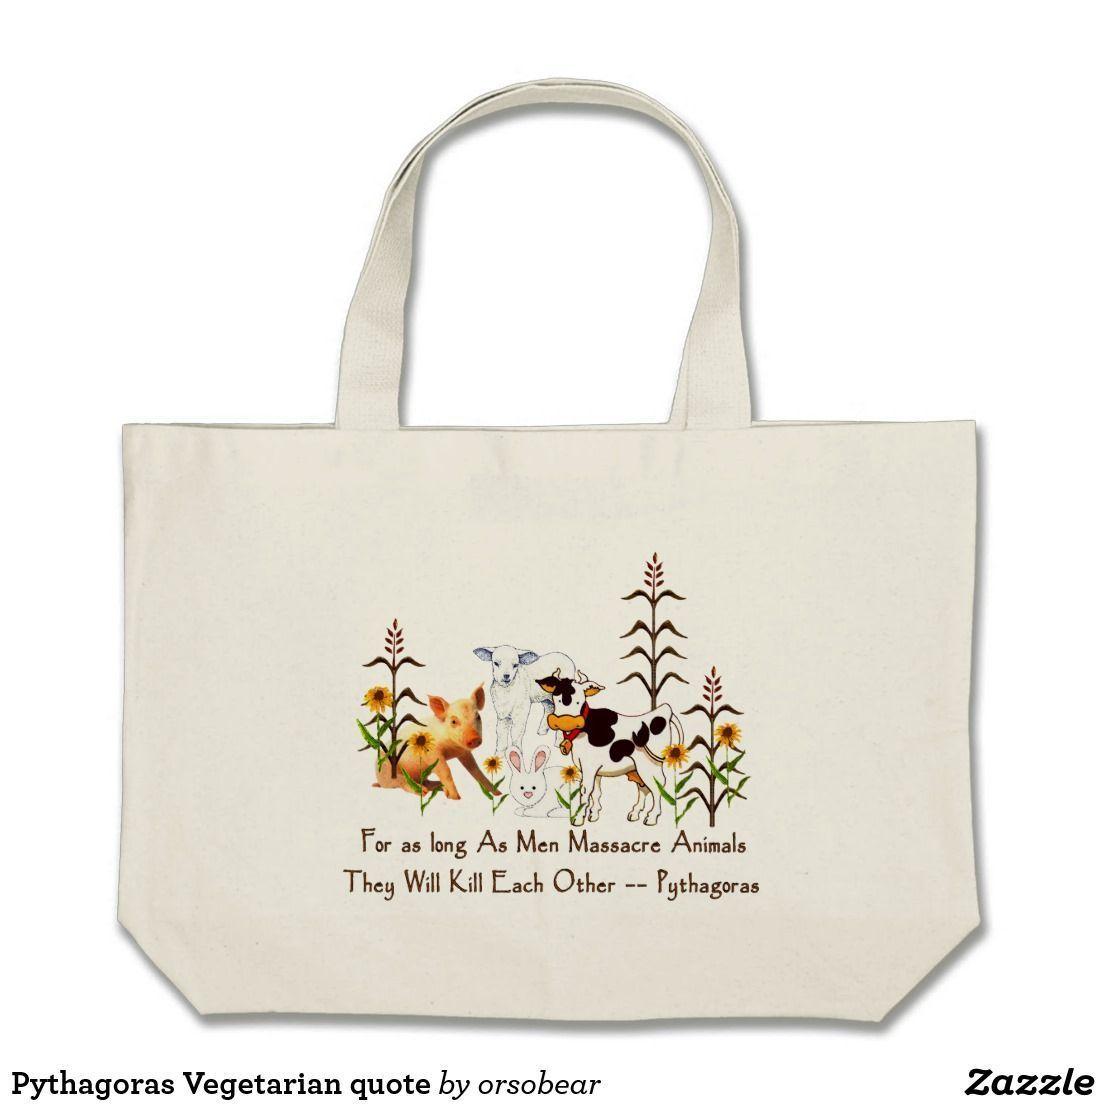 #pythagoras #vegetarian #zazzlecom #quote #large #tote #bagPythagoras Vegetarian quote Large Tote Bag |  Pythagoras Vegetarian quote #vegetarianquotes #pythagoras #vegetarian #zazzlecom #quote #large #tote #bagPythagoras Vegetarian quote Large Tote Bag |  Pythagoras Vegetarian quote #vegetarianquotes